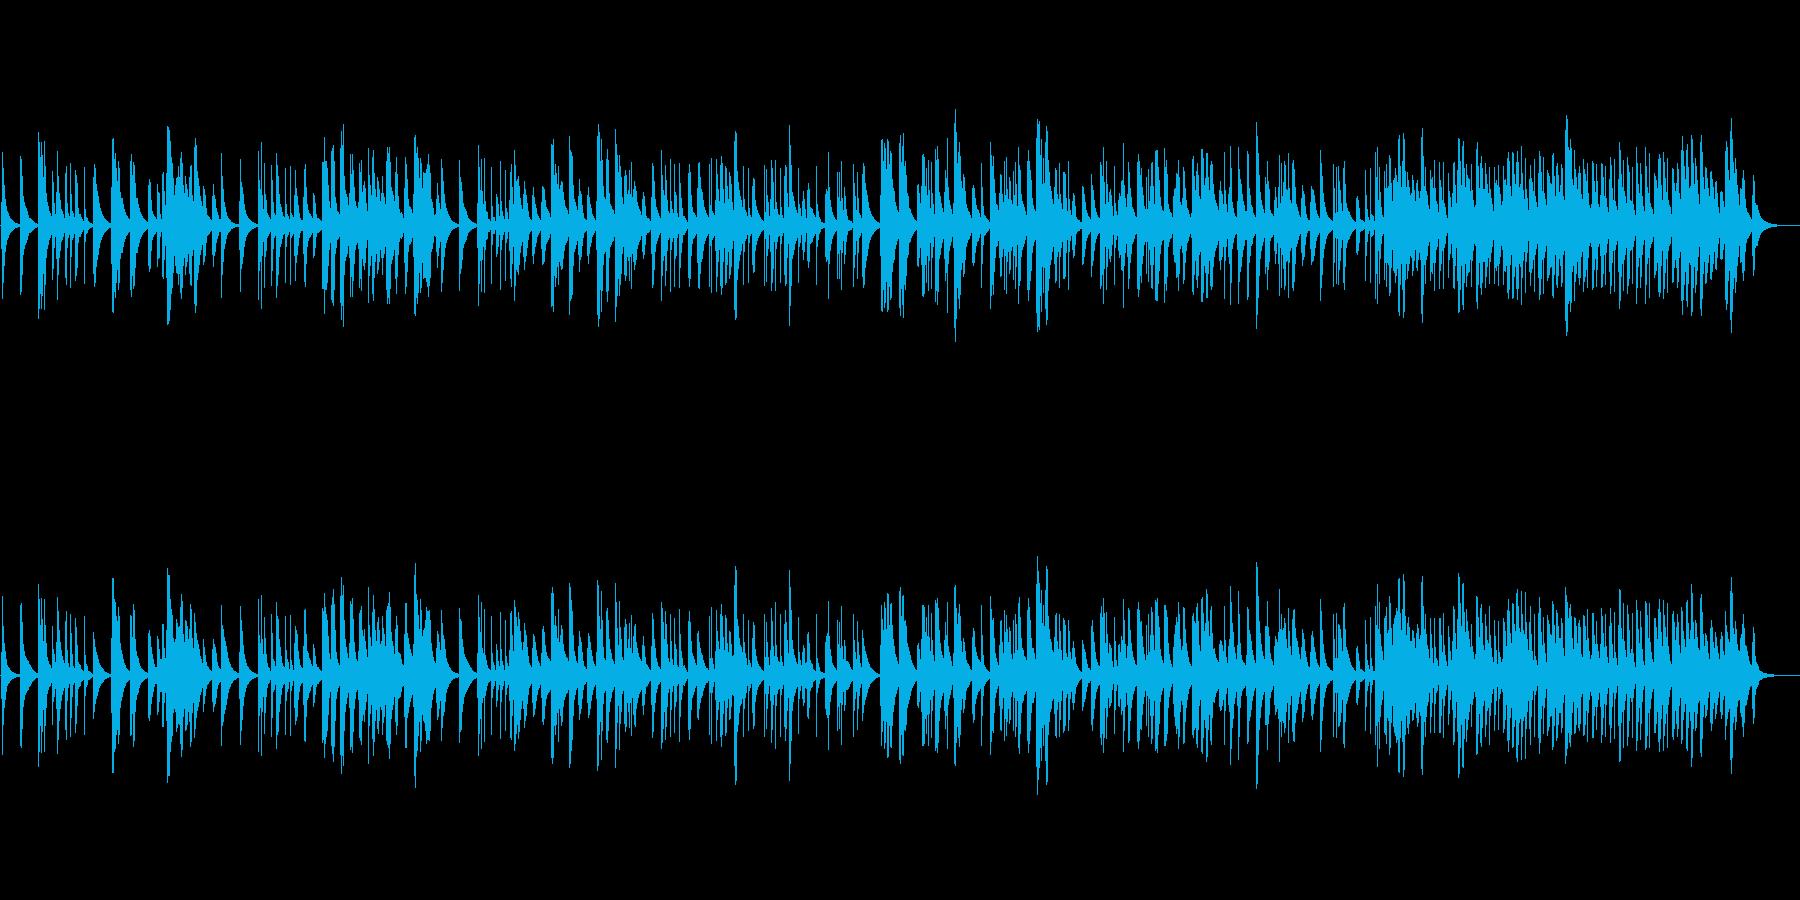 バッハ「ゴルトベルク変奏曲」のオルゴールの再生済みの波形